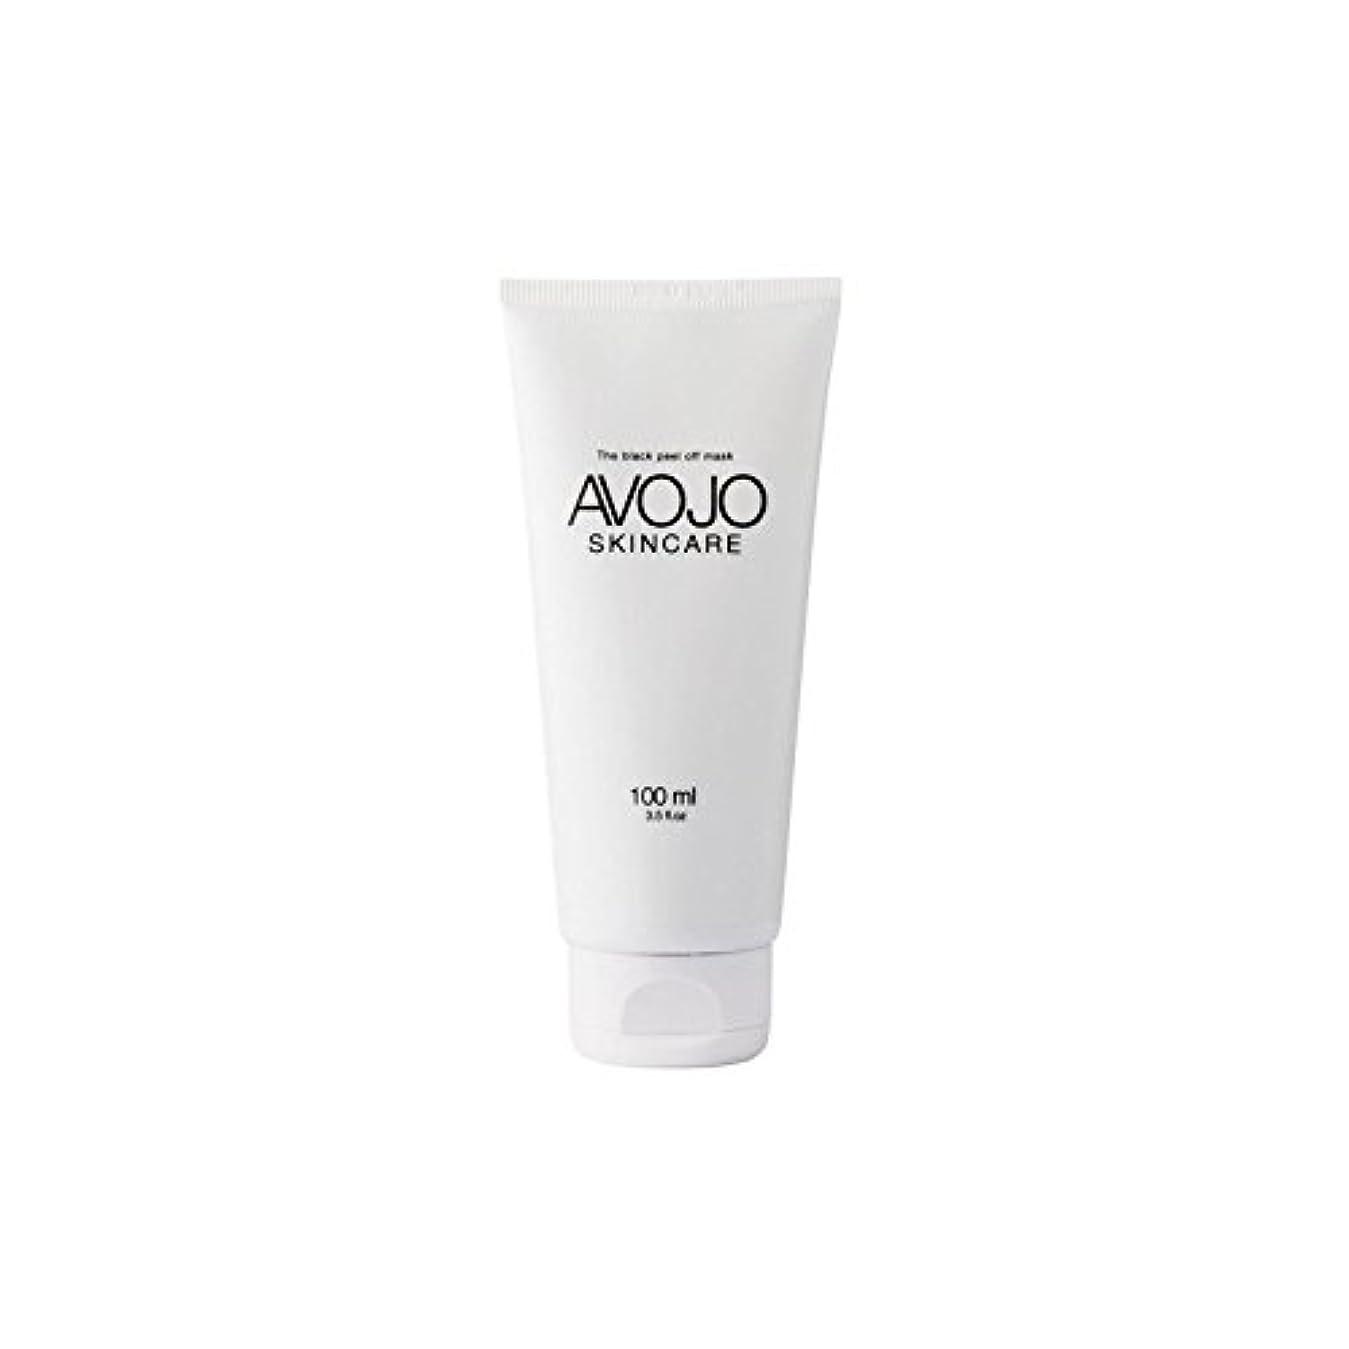 平行白い計算するAvojo - The Black Peel Off Mask - (Bottle 100ml) - - 黒皮オフマスク - (ボトル100ミリリットル) [並行輸入品]